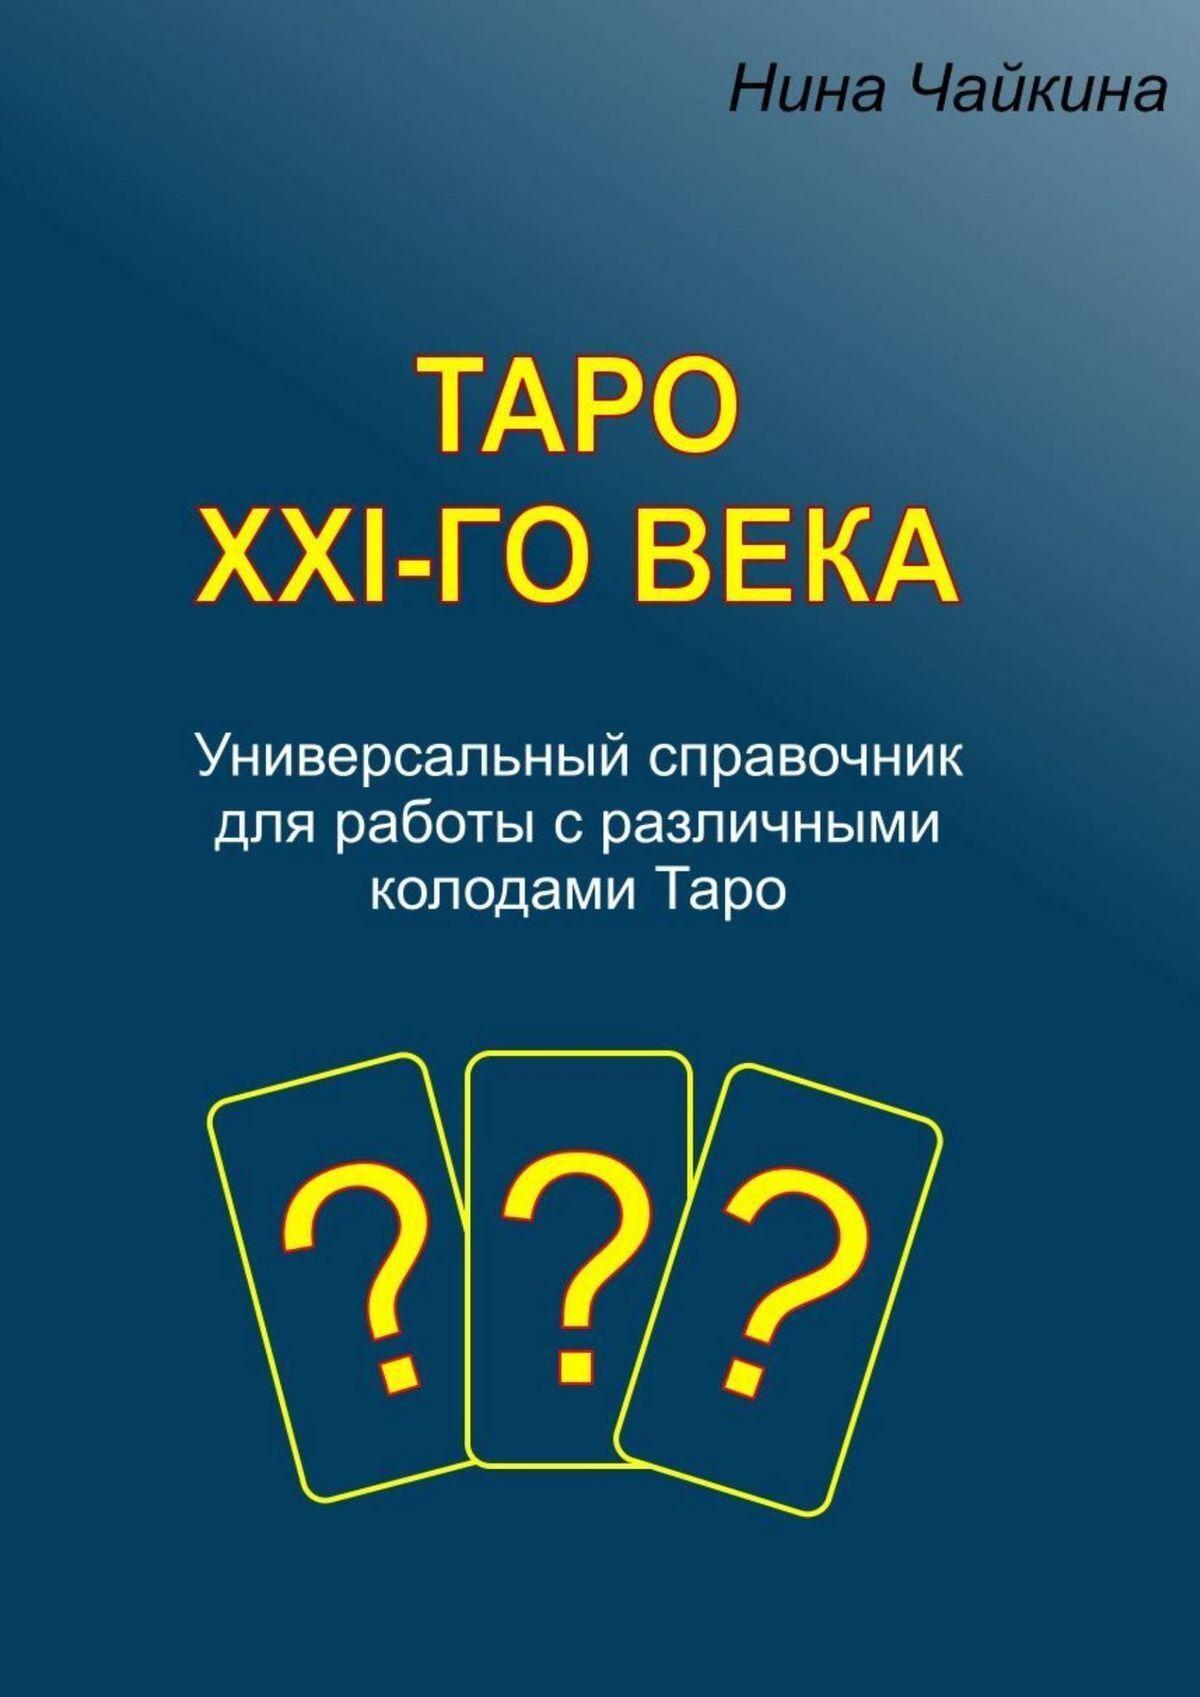 Нина Чайкина Таро XXI-говека. Универсальный справочник для работы сразличными колодамиТаро таро универсальный ключ